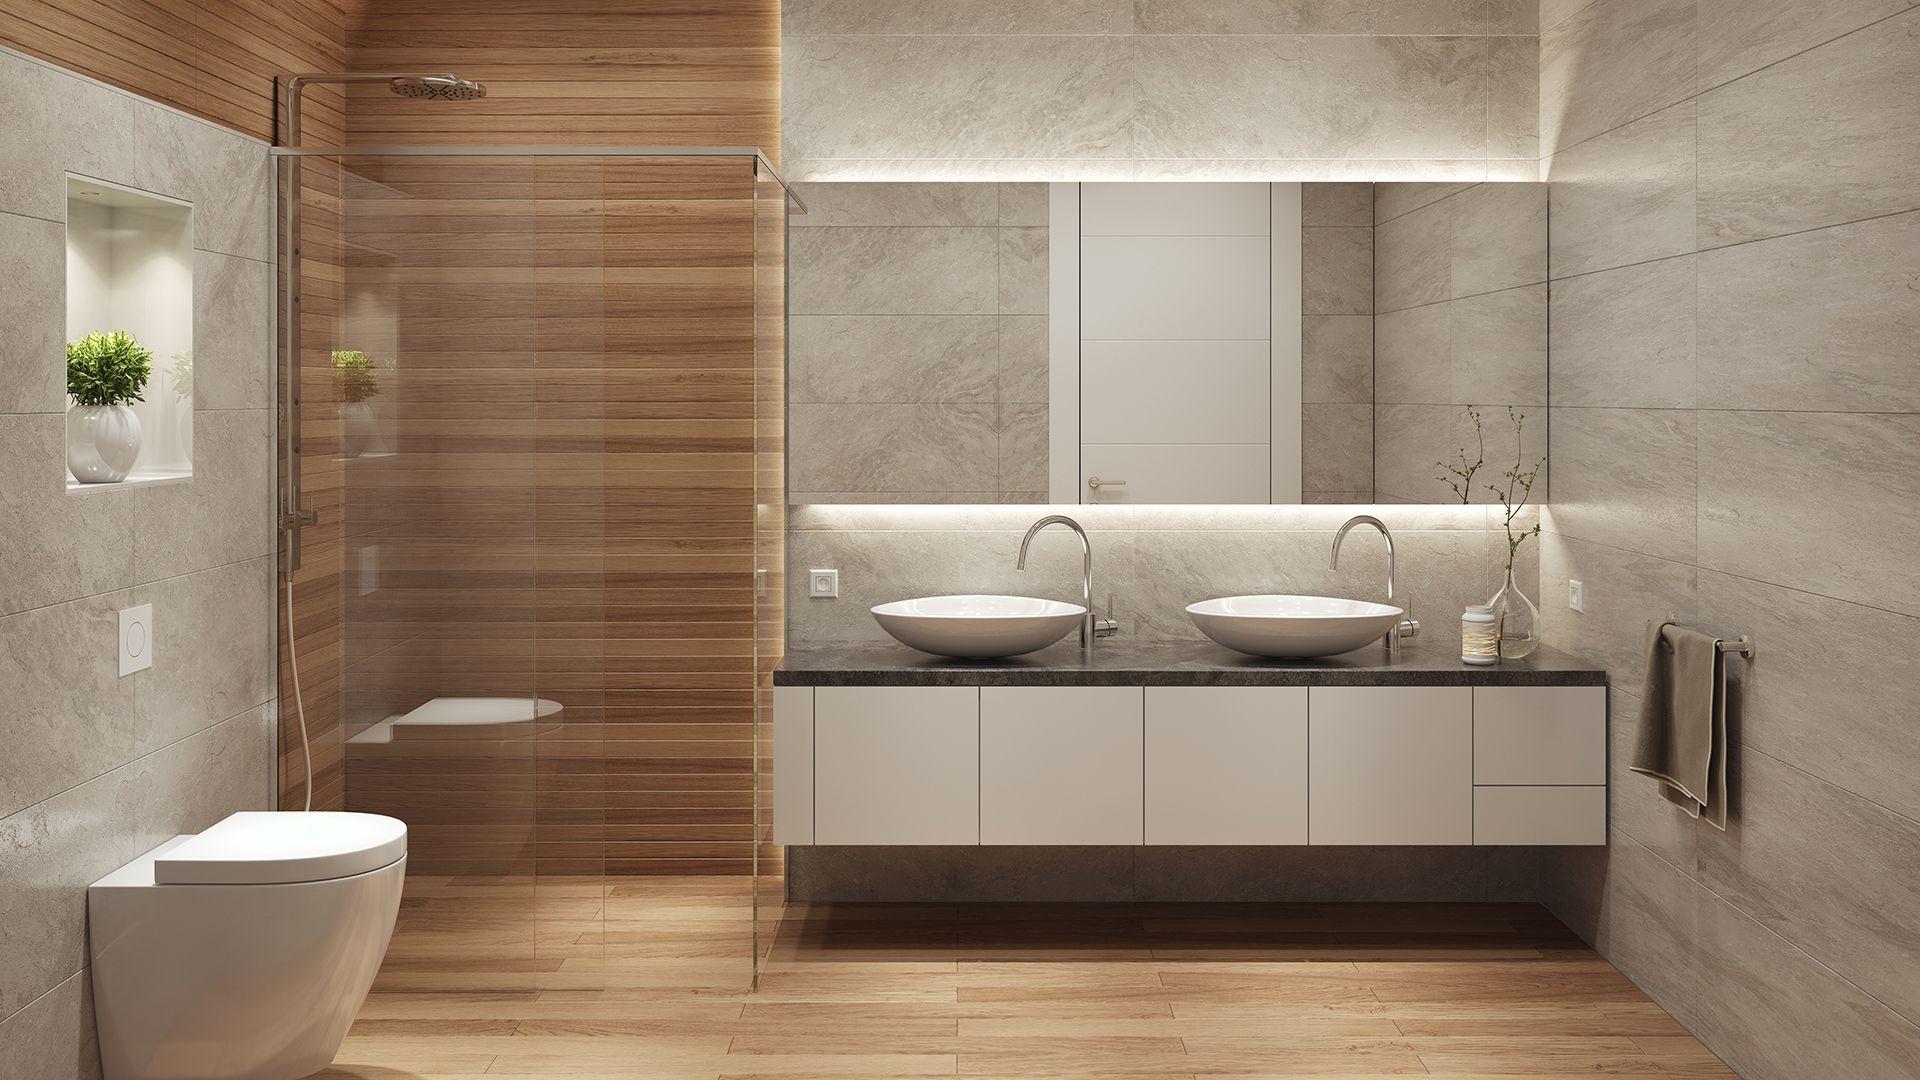 Mamparas de baño3